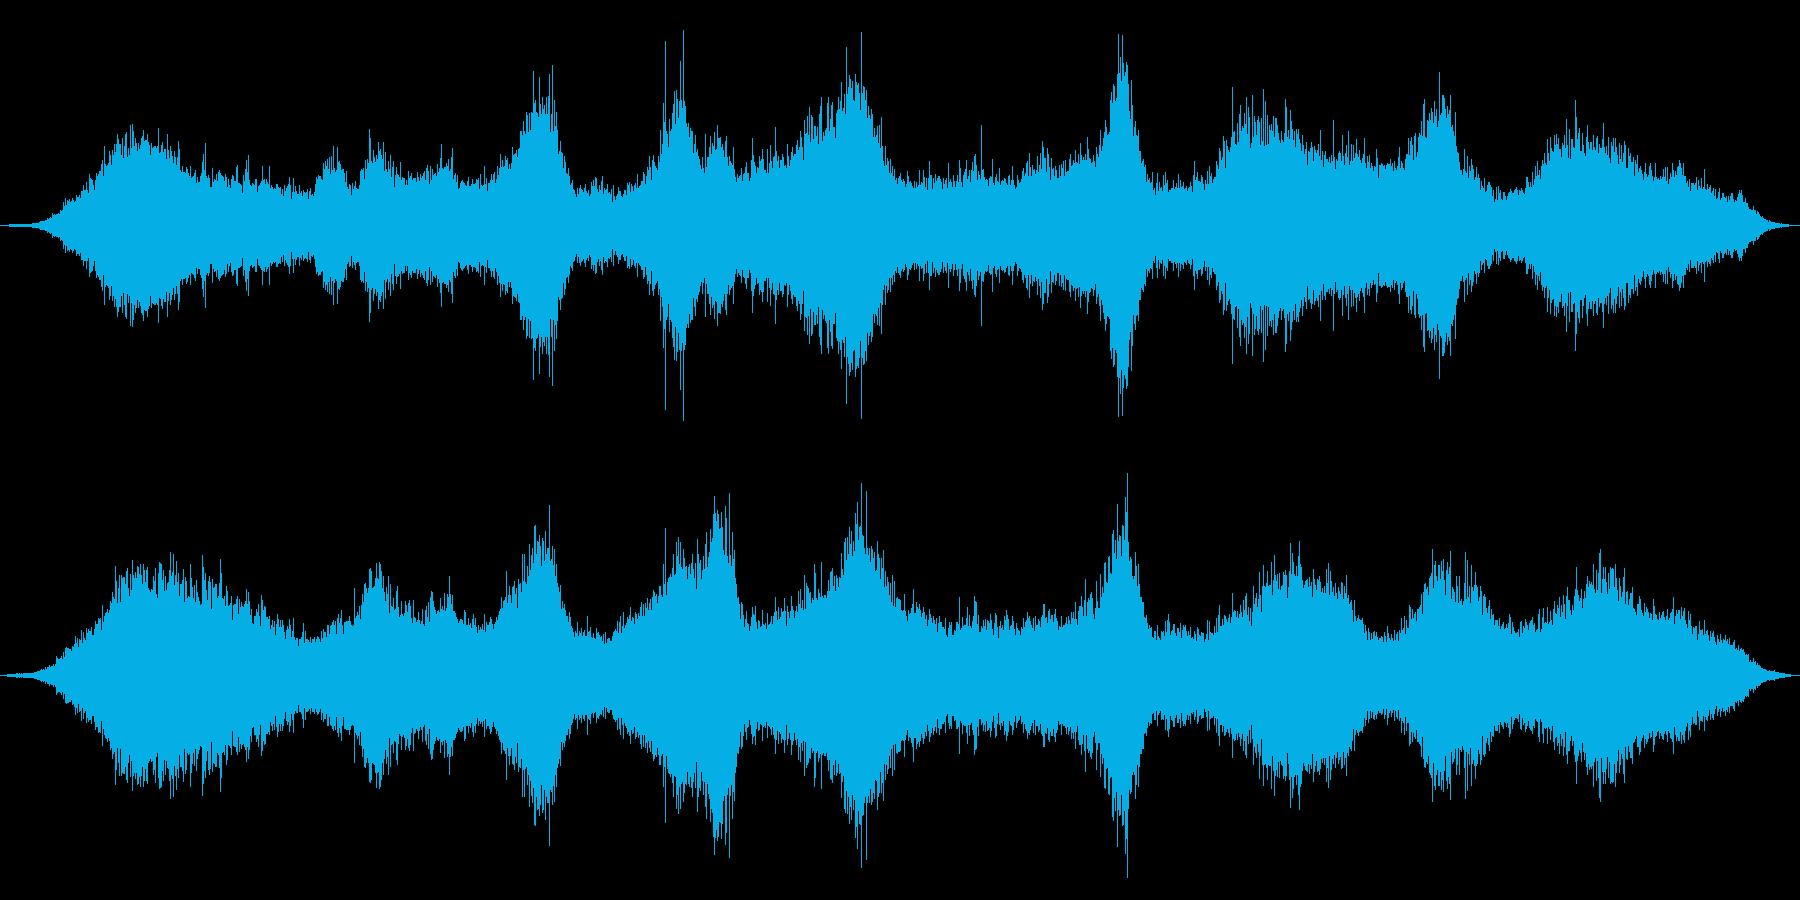 砂浜の波打ち際、やや遠め・激しめの波音の再生済みの波形